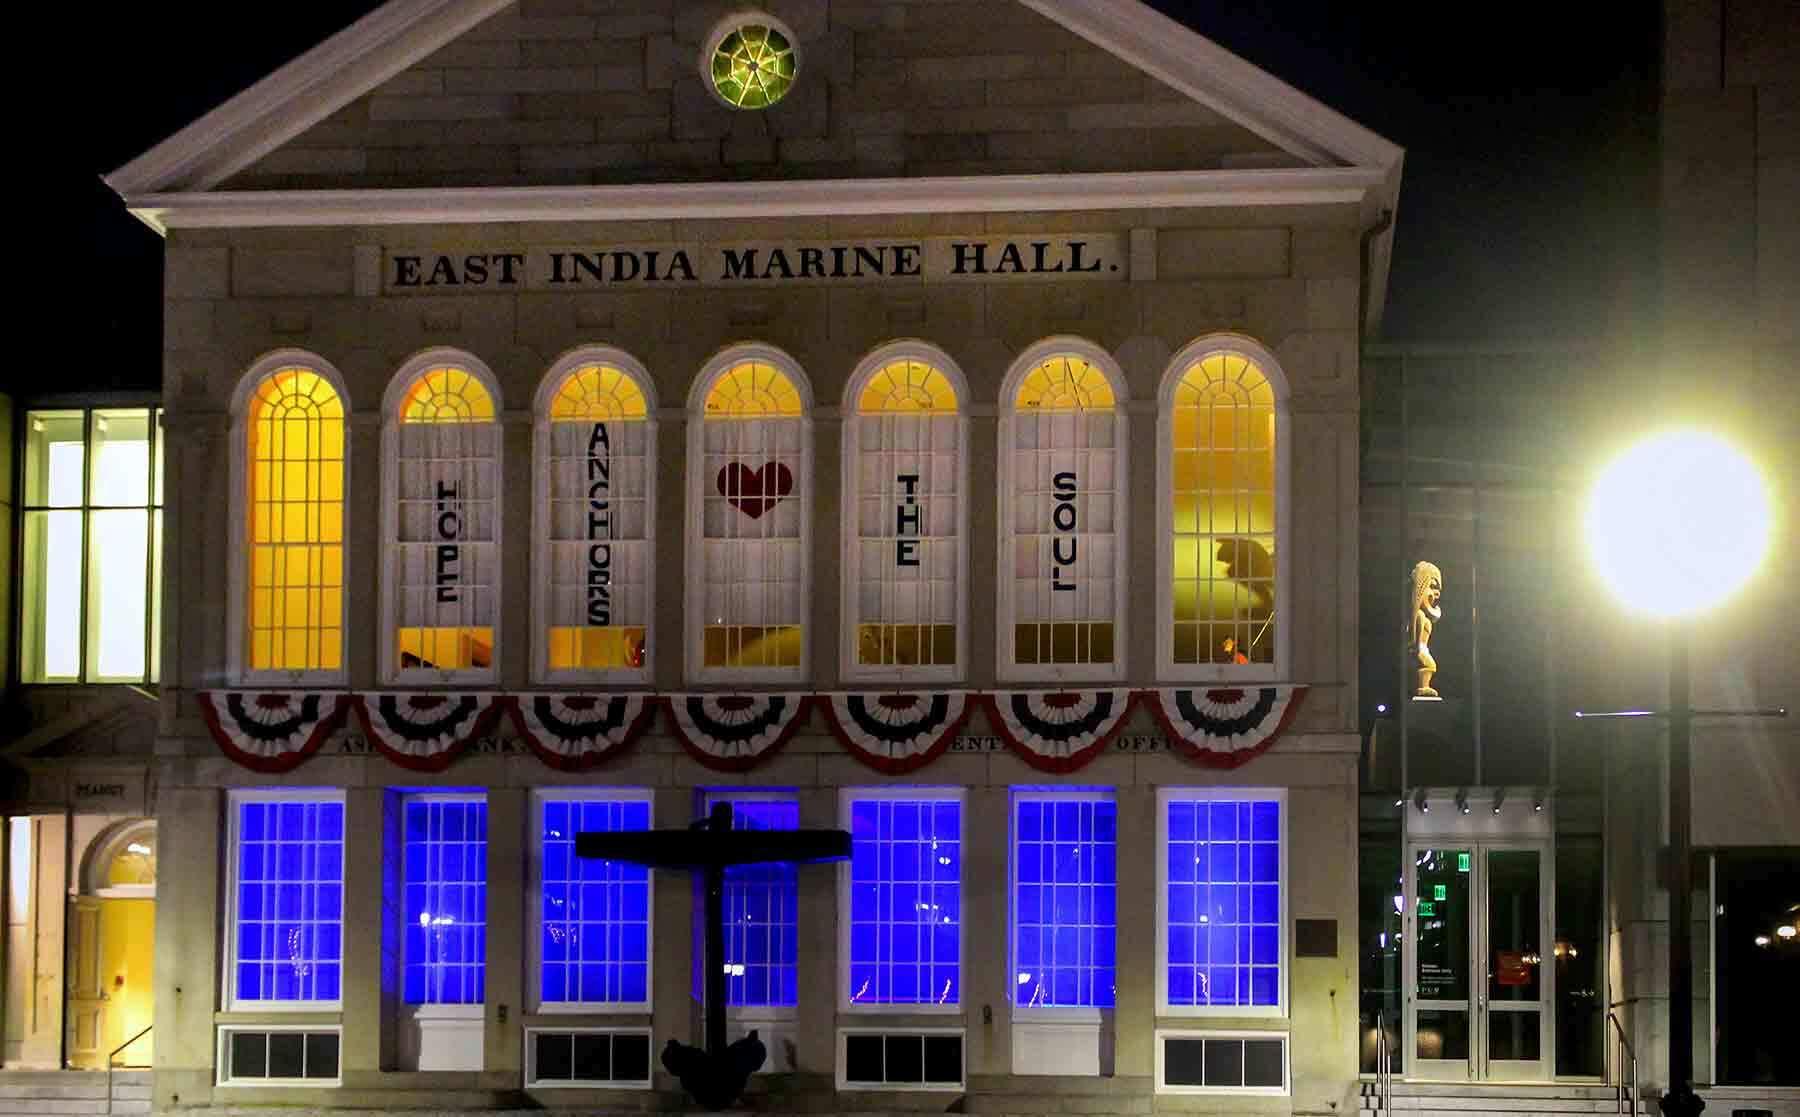 East Indoa Marine Hall exterior at night